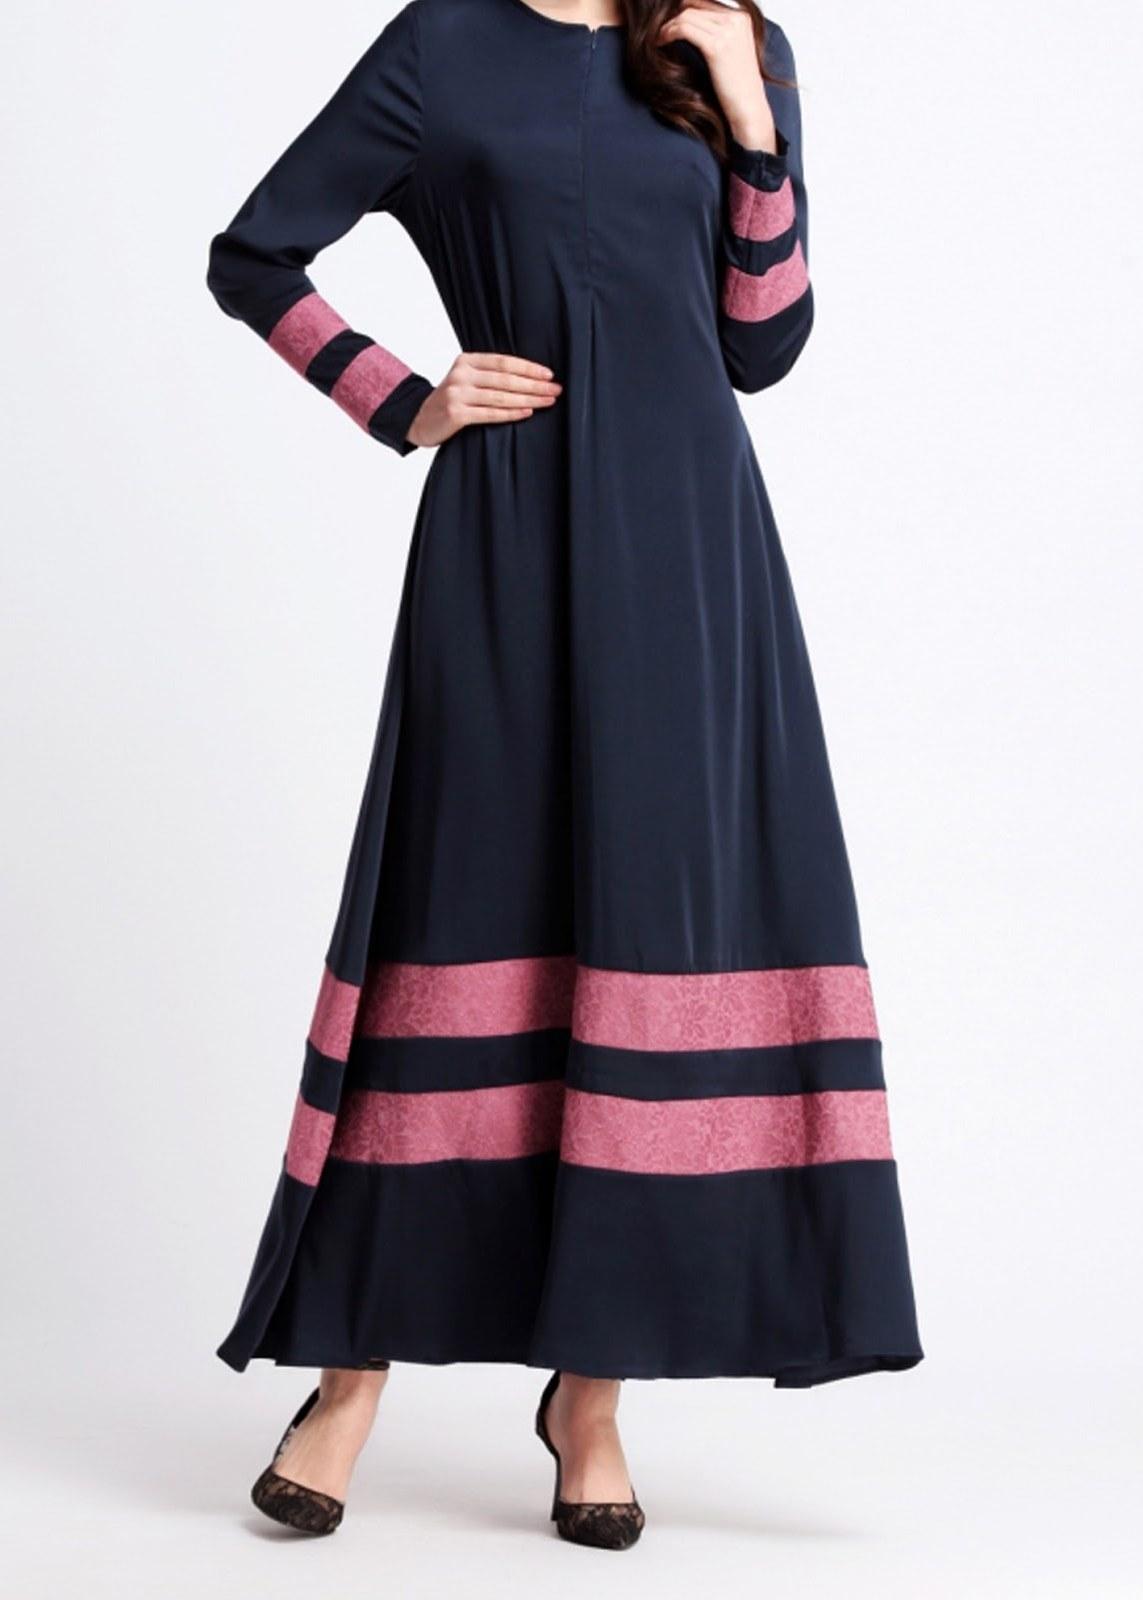 Ide Sewa Baju Pengantin Muslimah Syar'i X8d1 norzi Beautilicious House Nbh0491 Insyikah Jubah Nursing